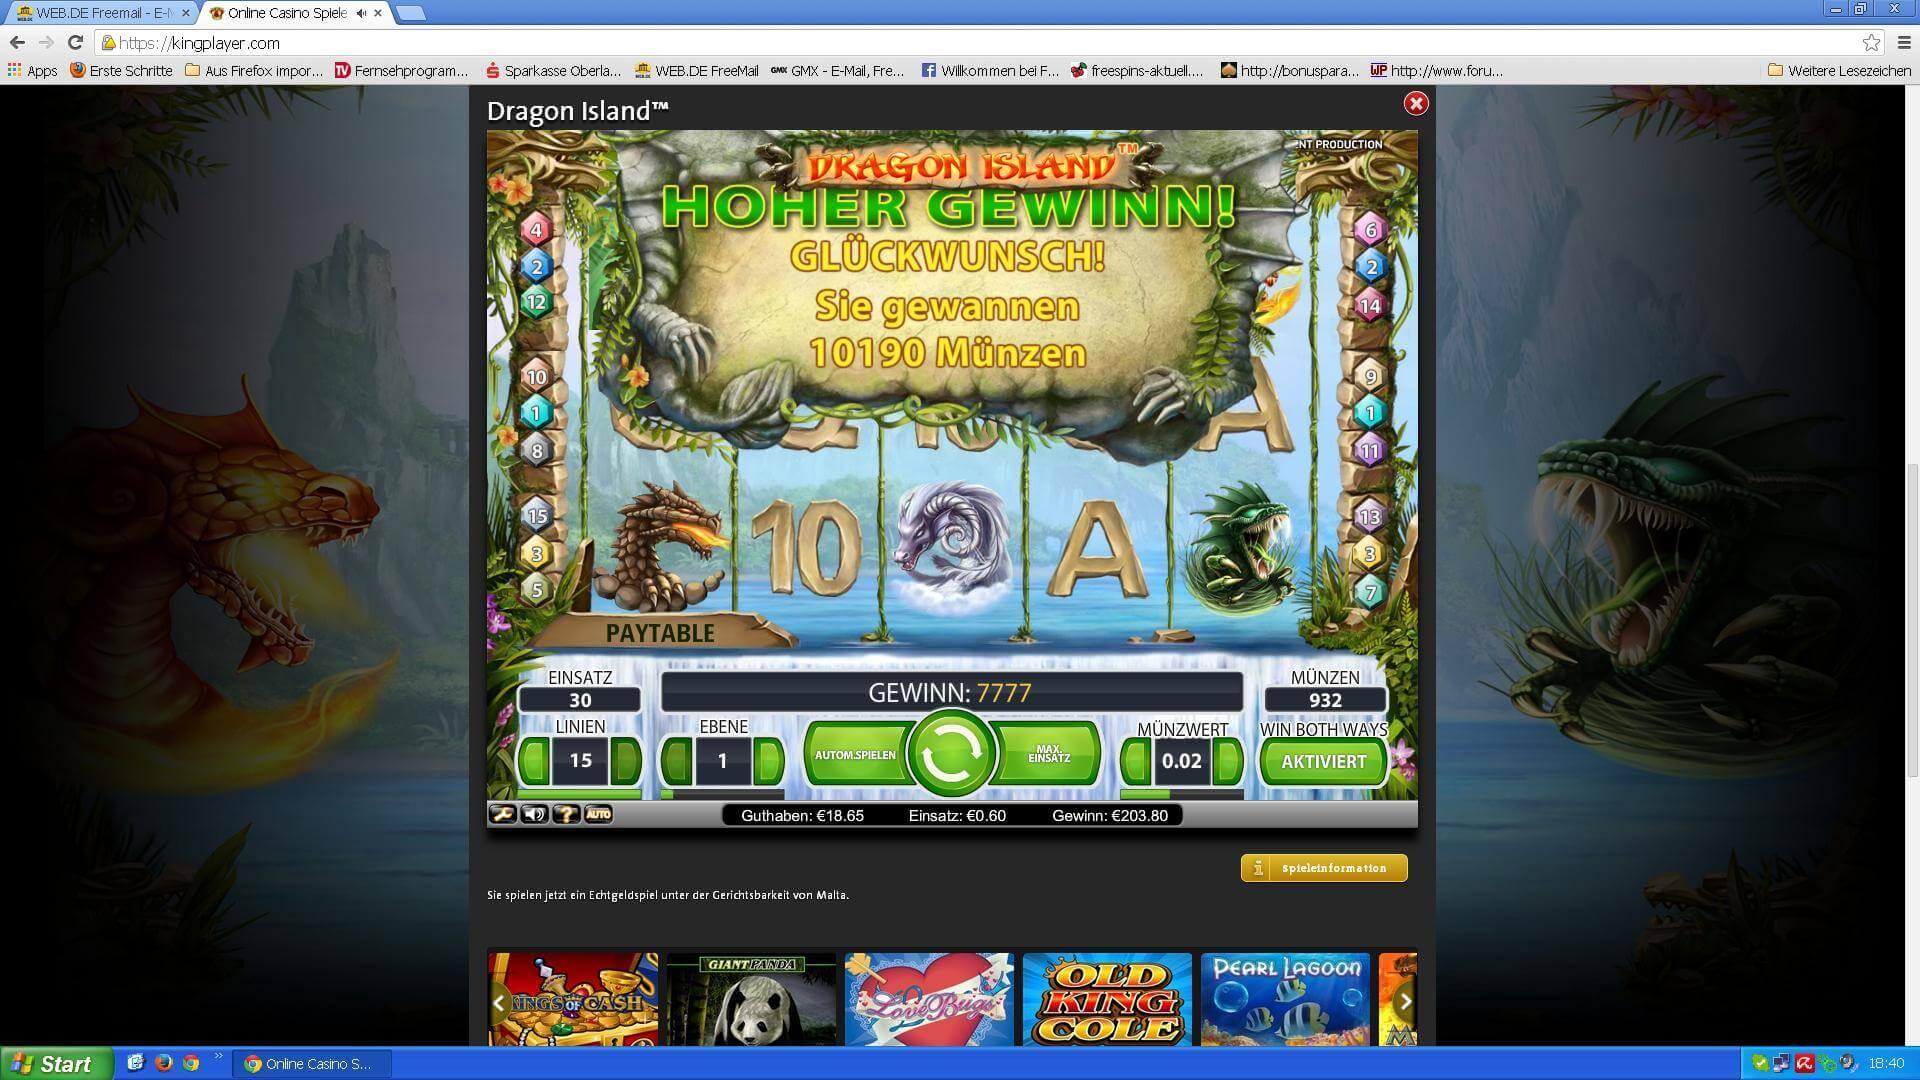 deutsche online casino spiele bei king com spielen ohne kosten